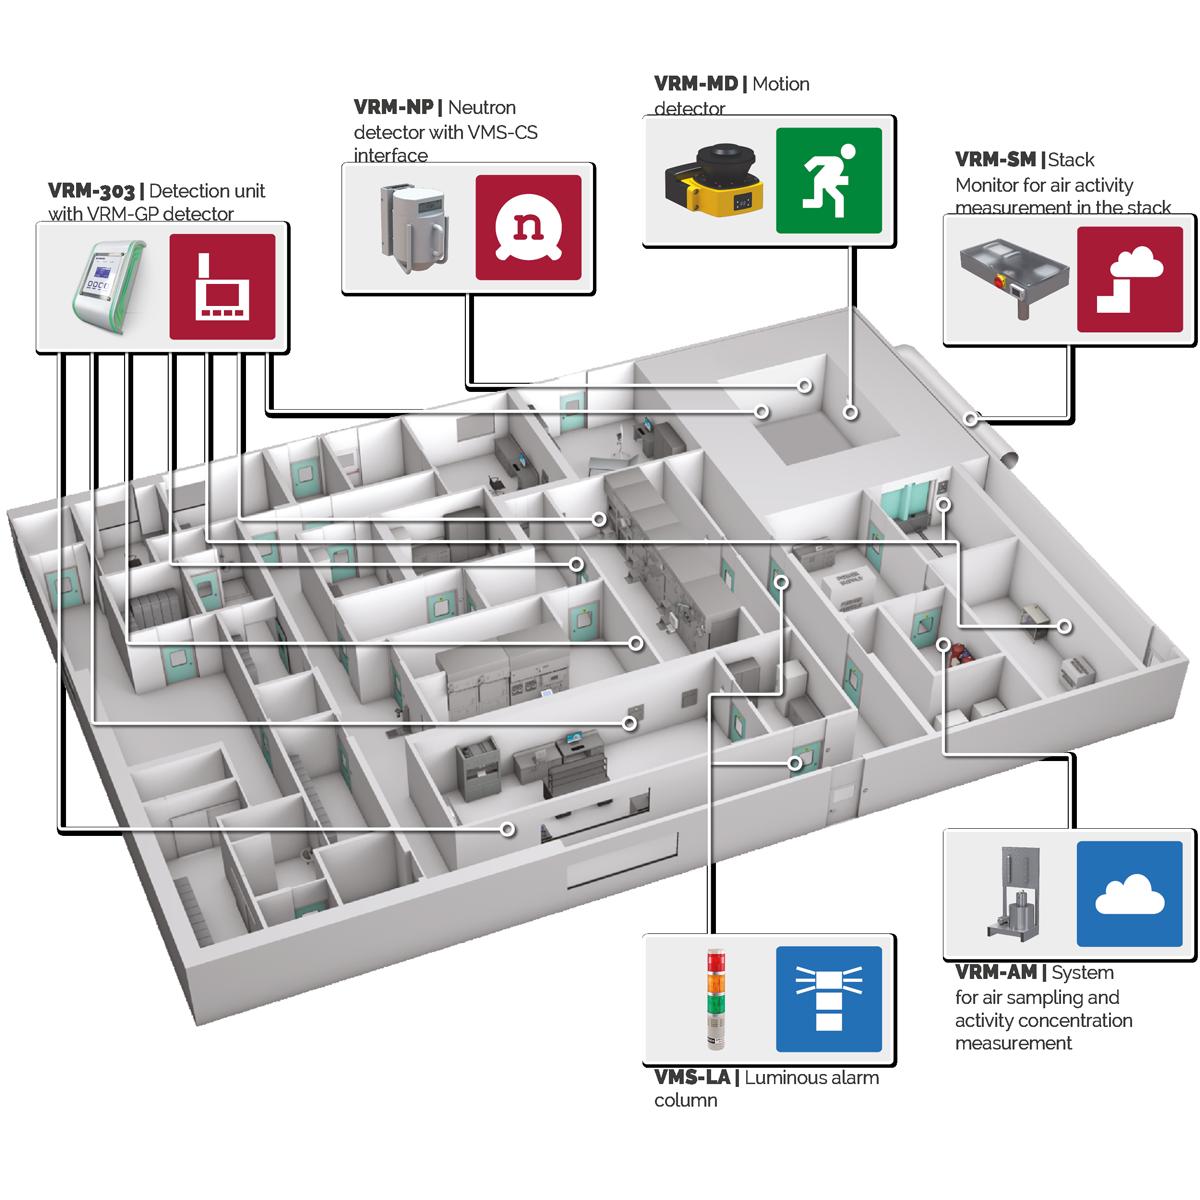 SMART-GUARD - Environmental Monitoring System